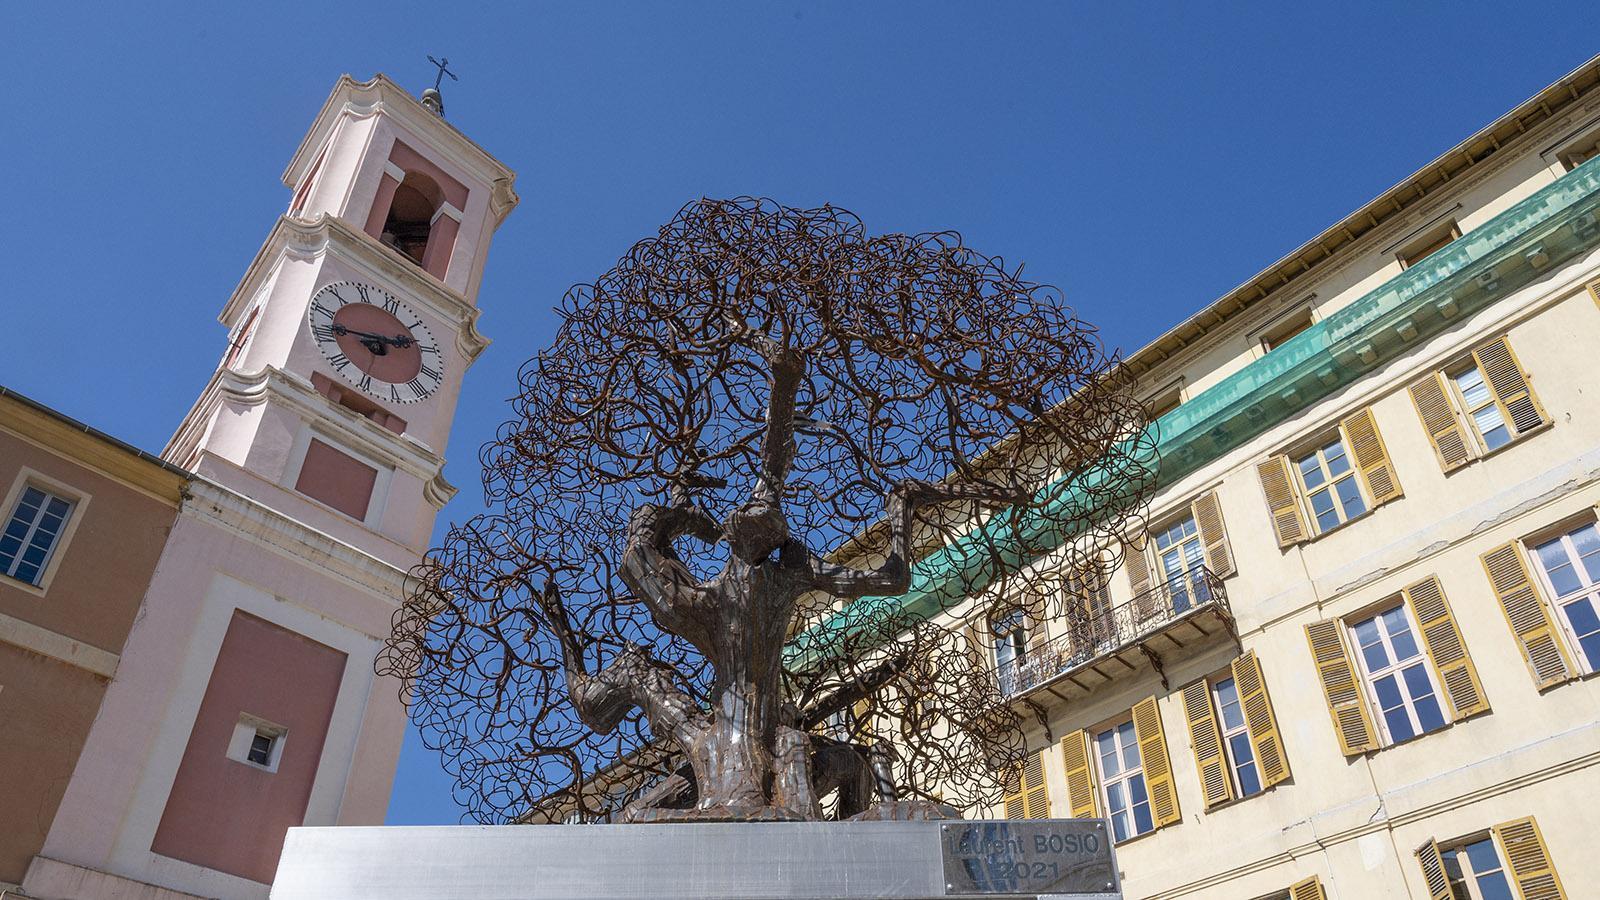 Vor der Kathedrale von Nizza erhebt sich seit 2021 diese Ölbaum-Skulptur. Foto: Hilke Maunder